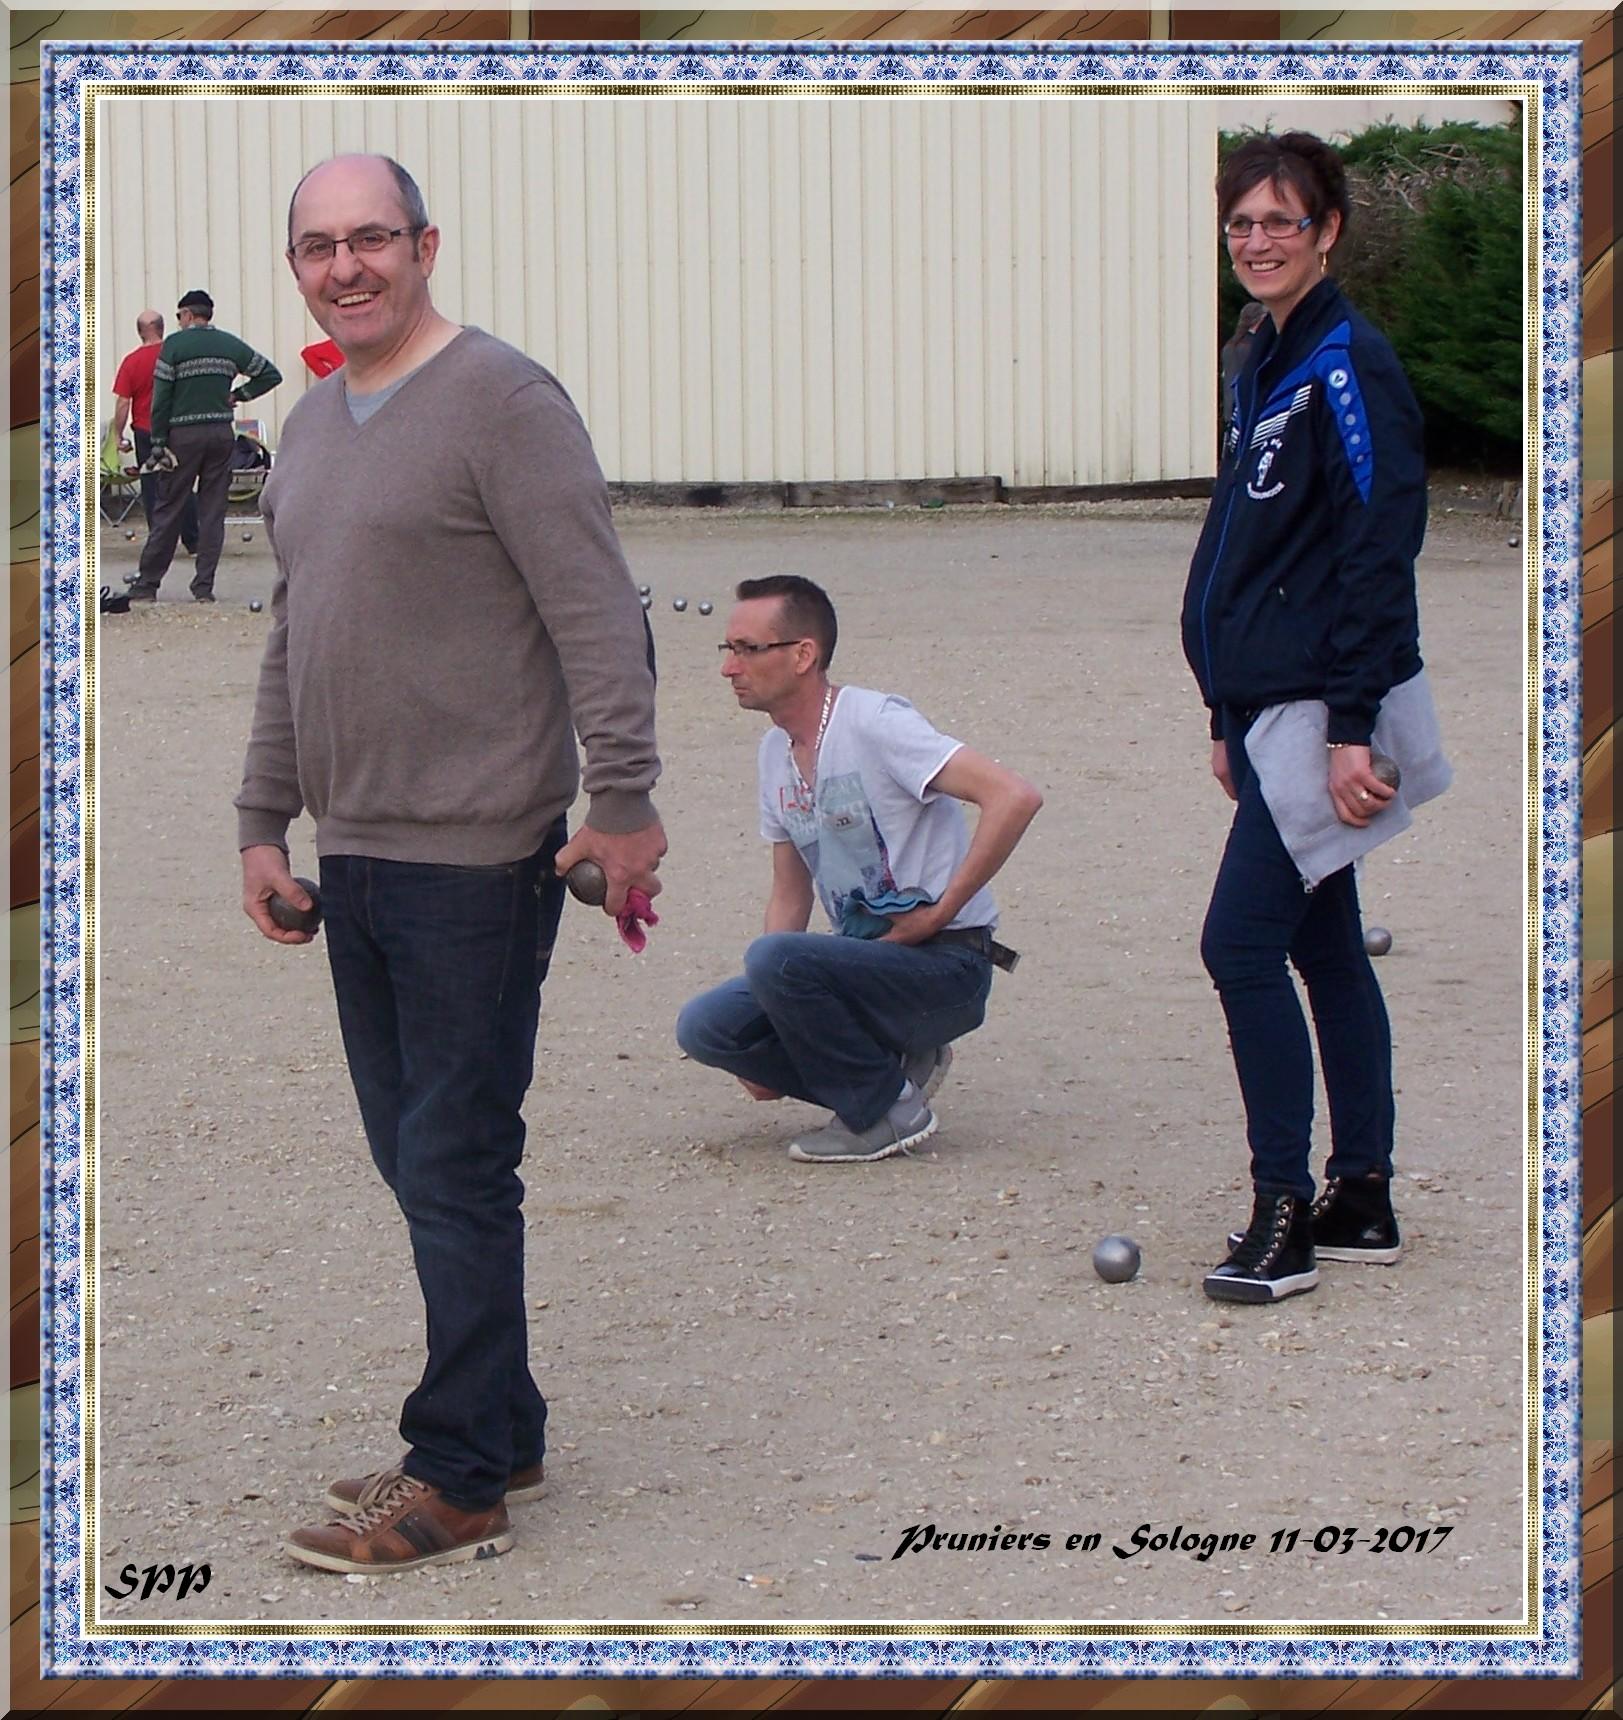 Concours de Pruniers en Sologne